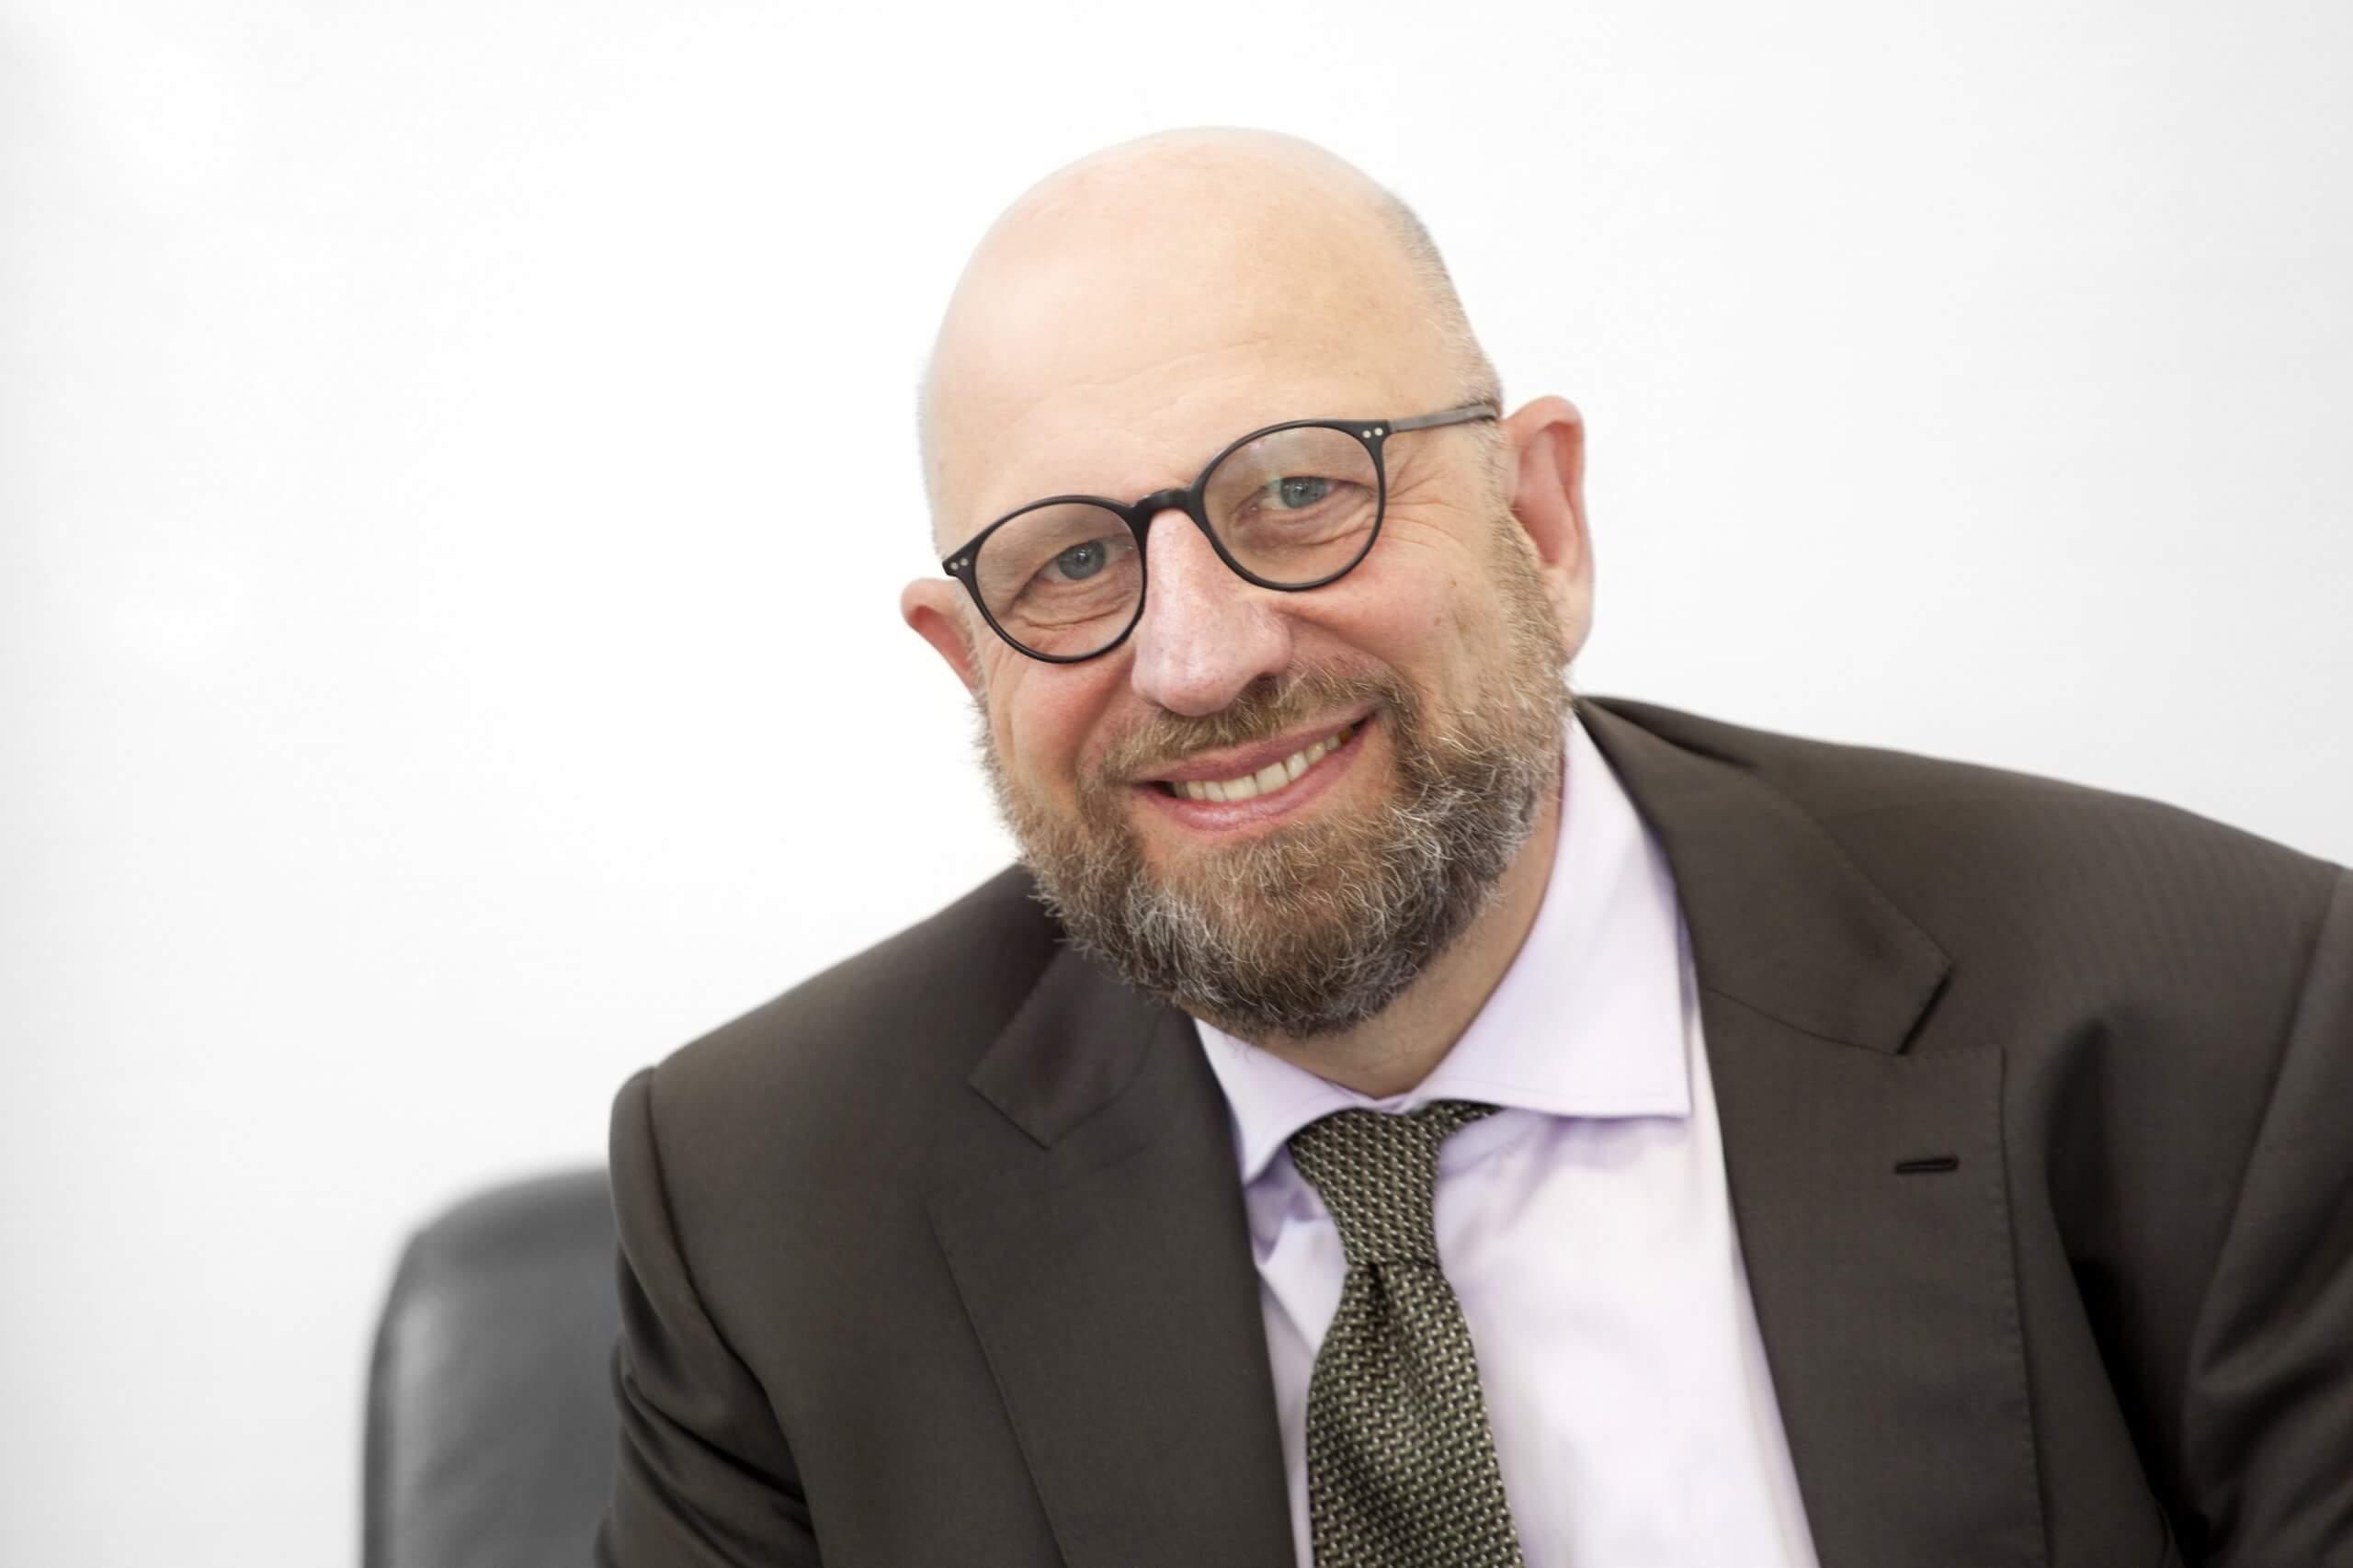 Dr. Manfred Ziegler